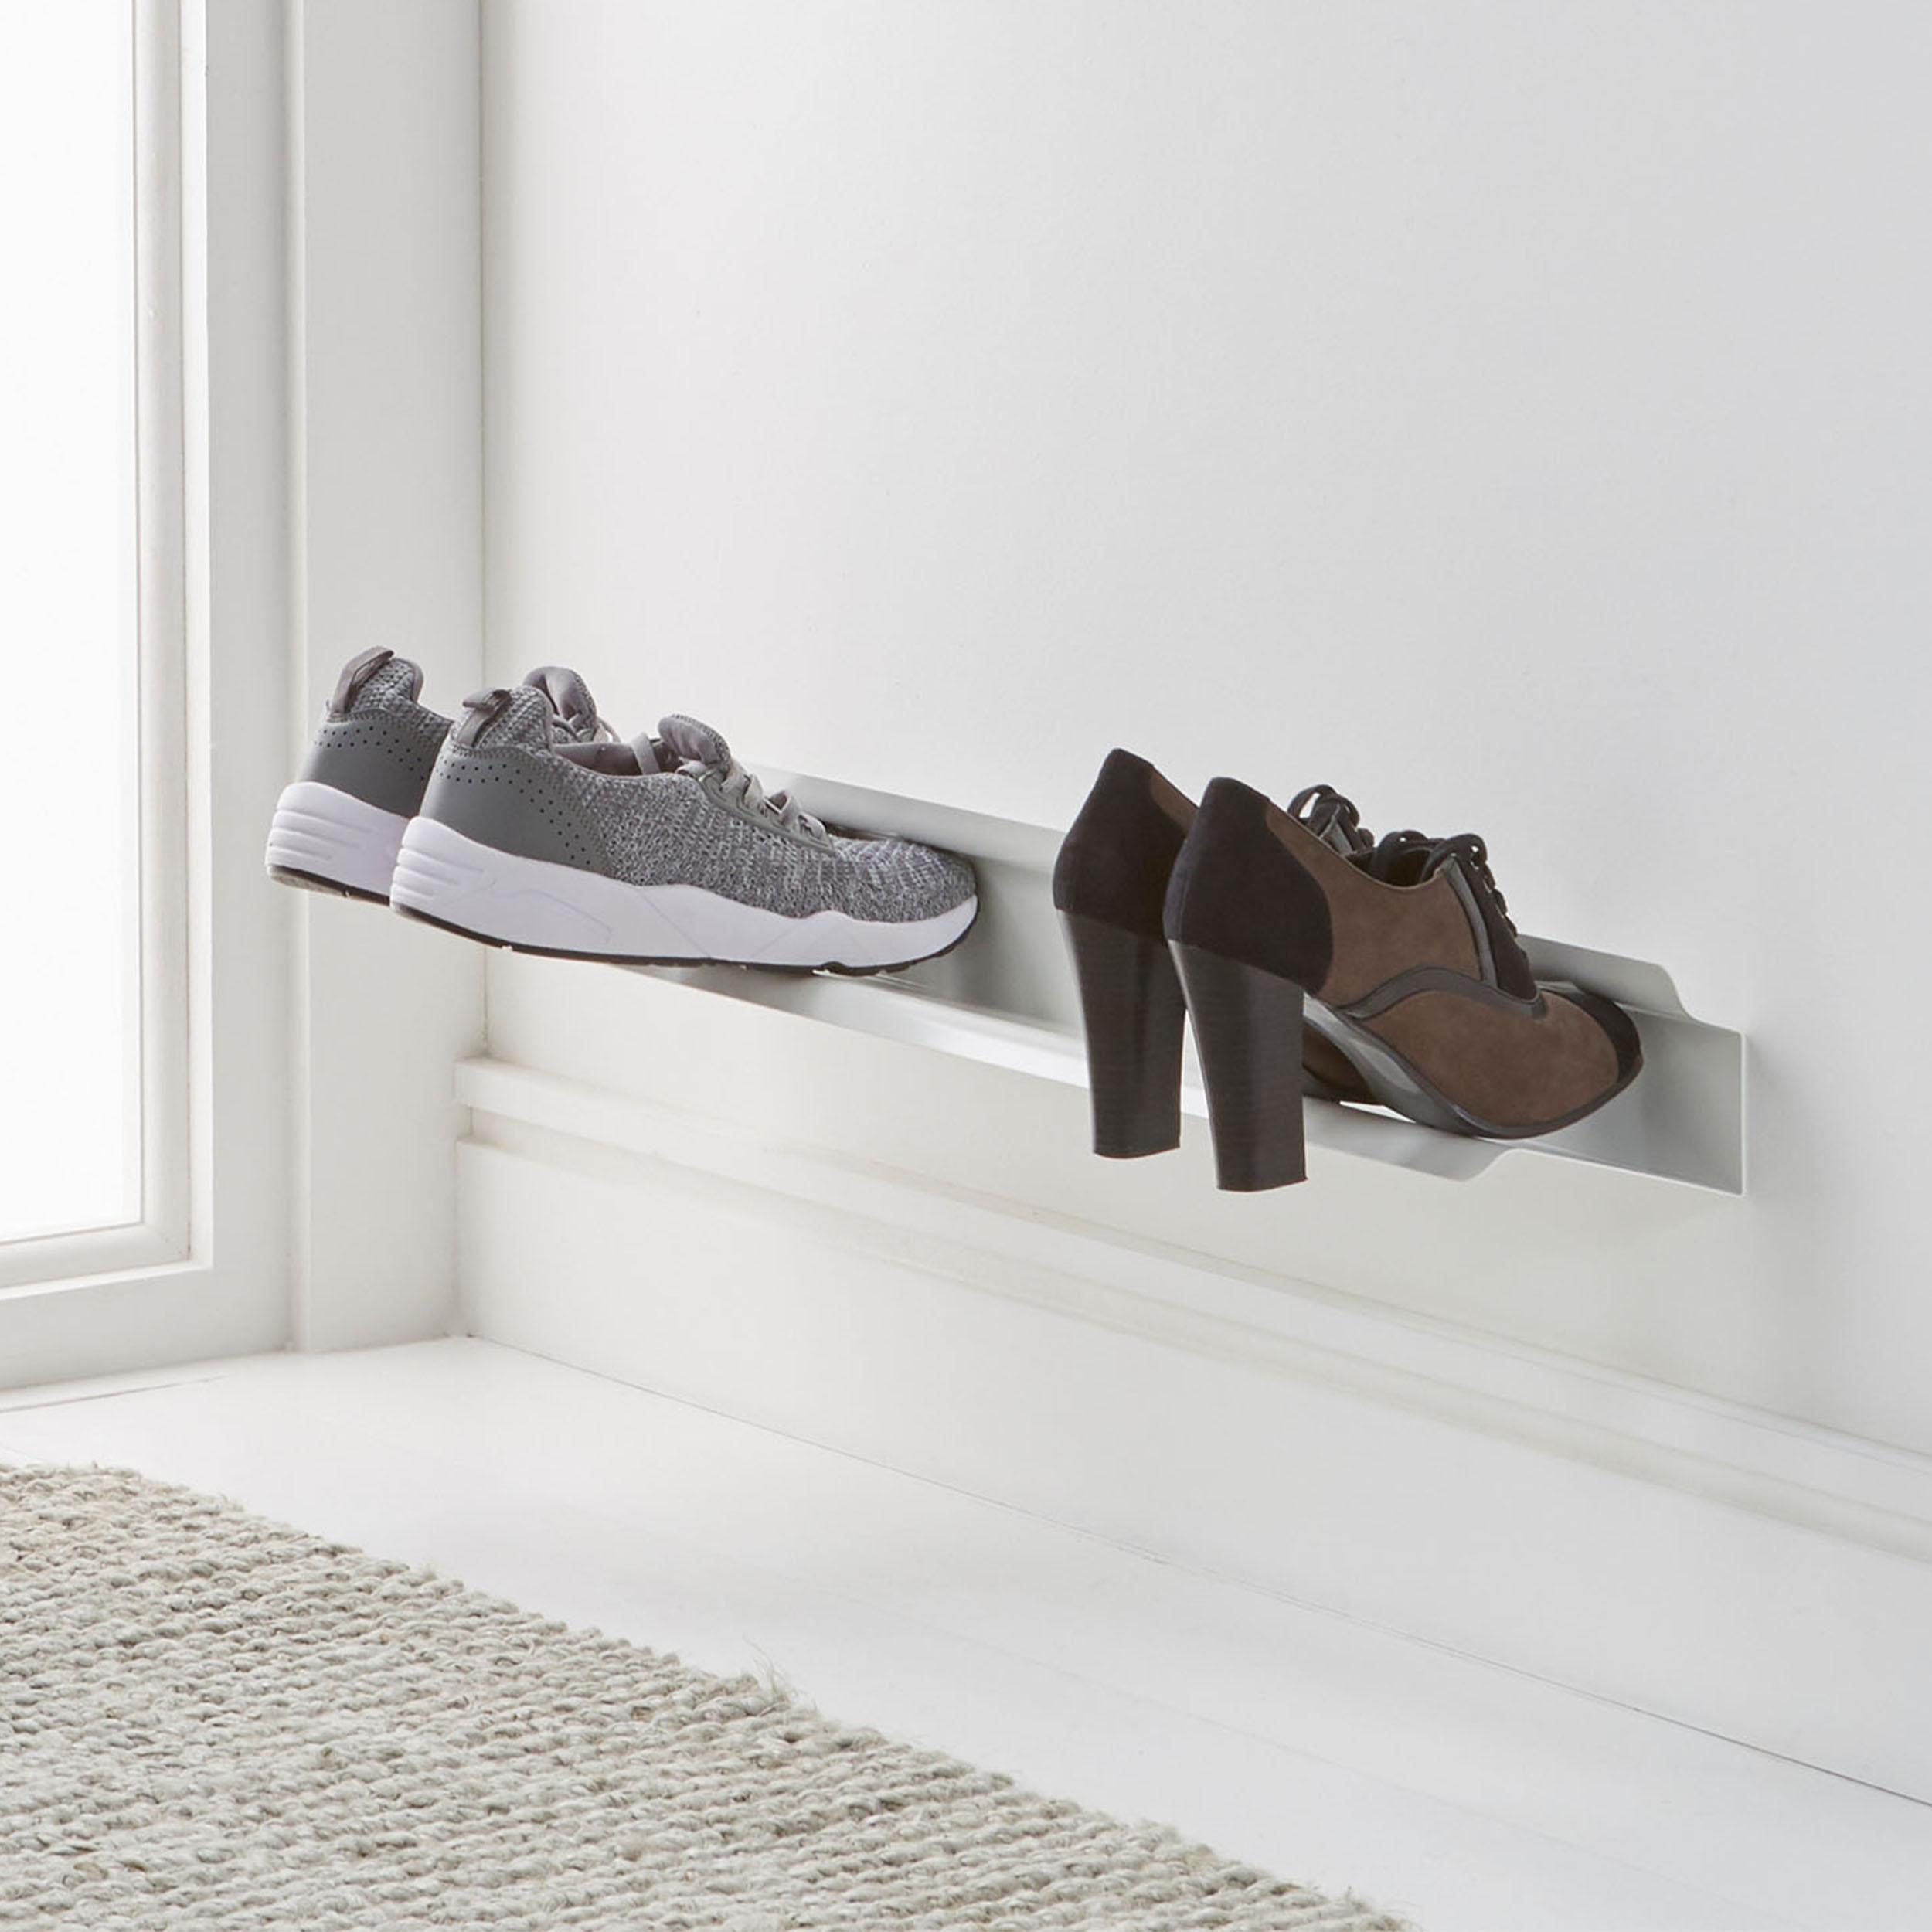 wall mounted shoe rack small